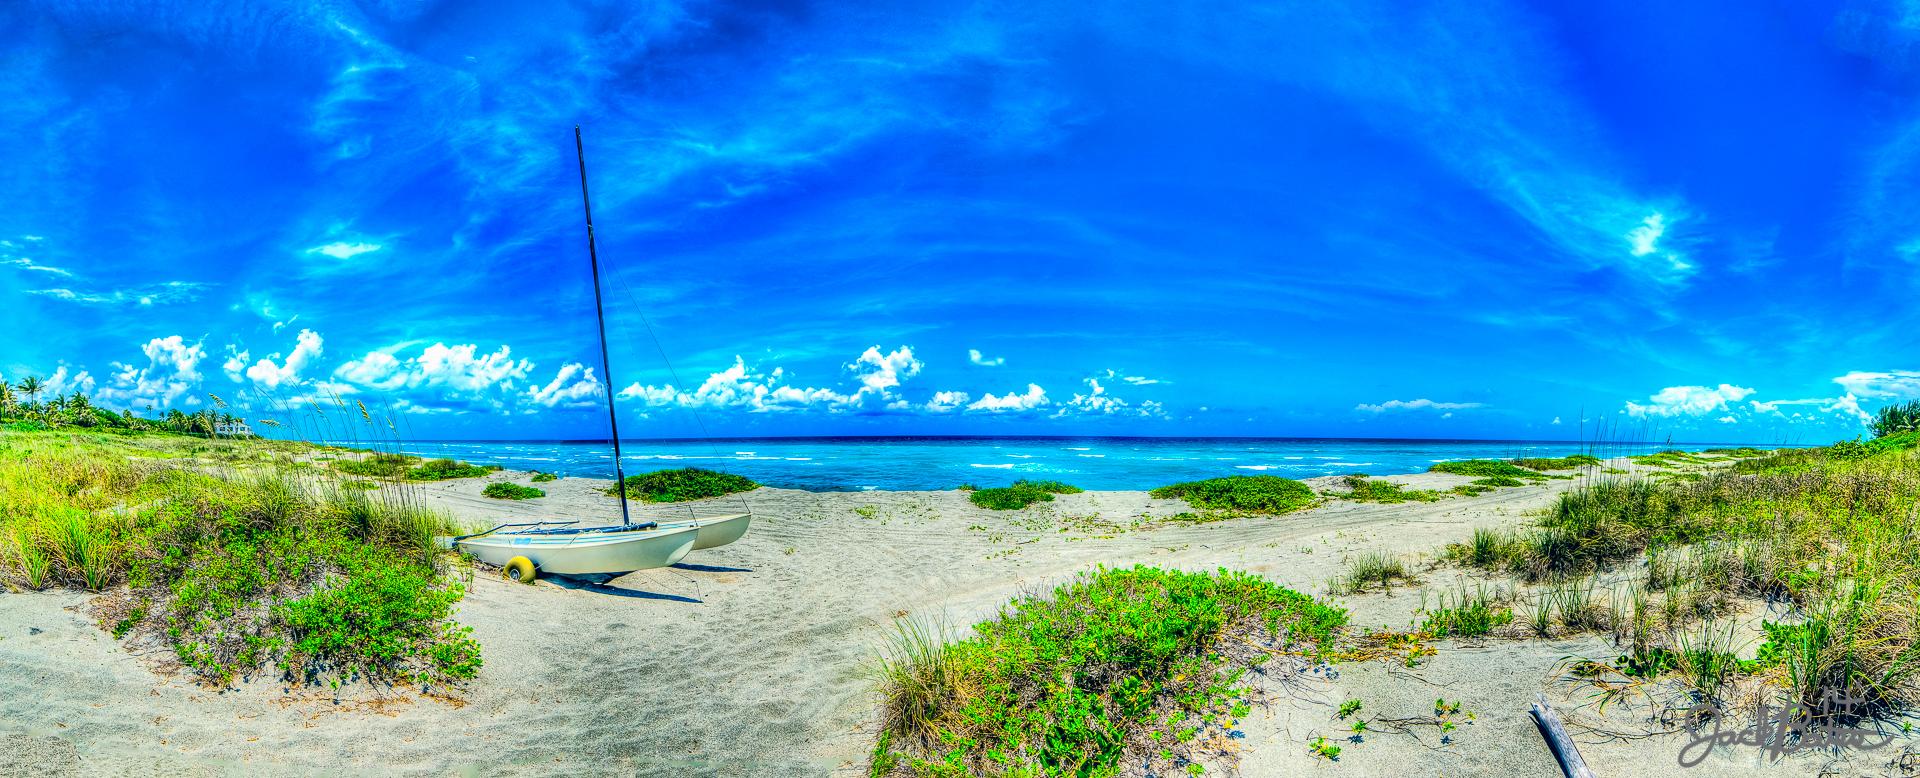 Sunny Beach Jupiter Island Panoramic